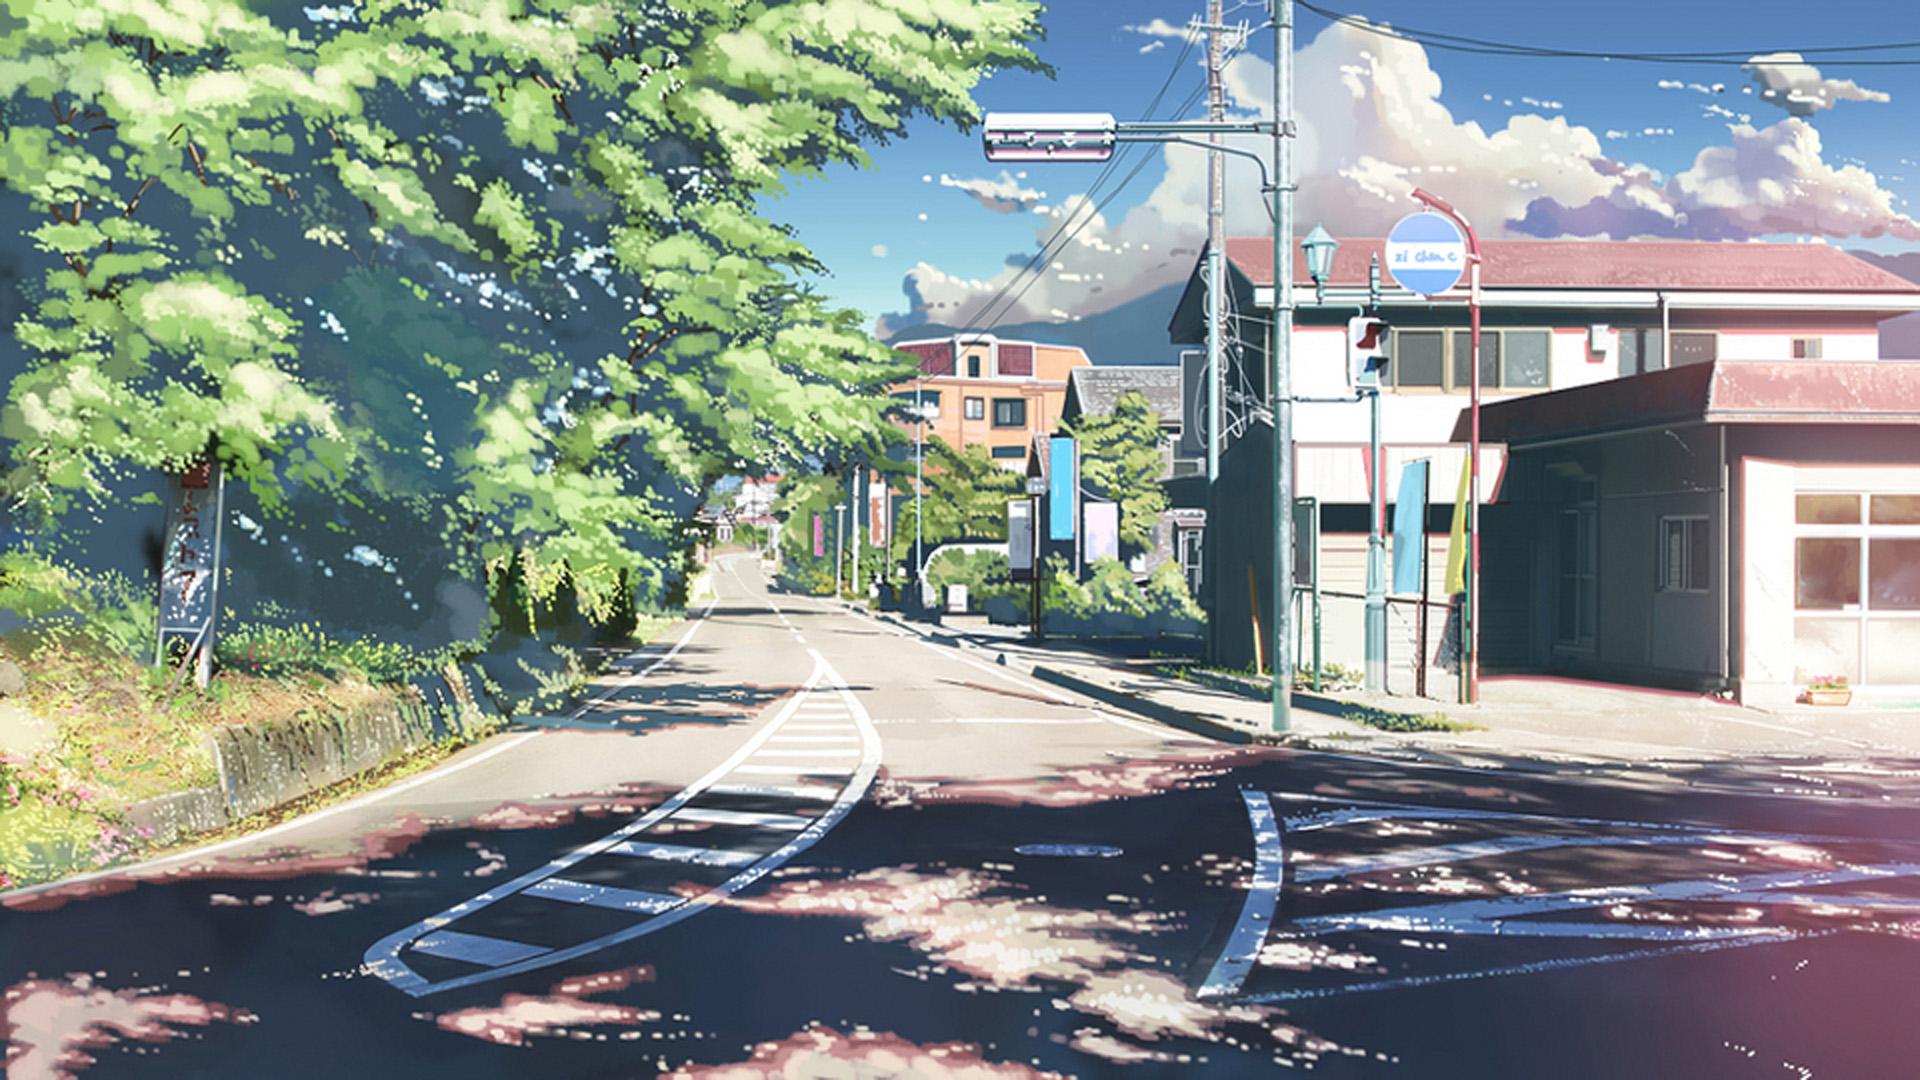 精选二次元动漫美景高清图片桌面壁纸